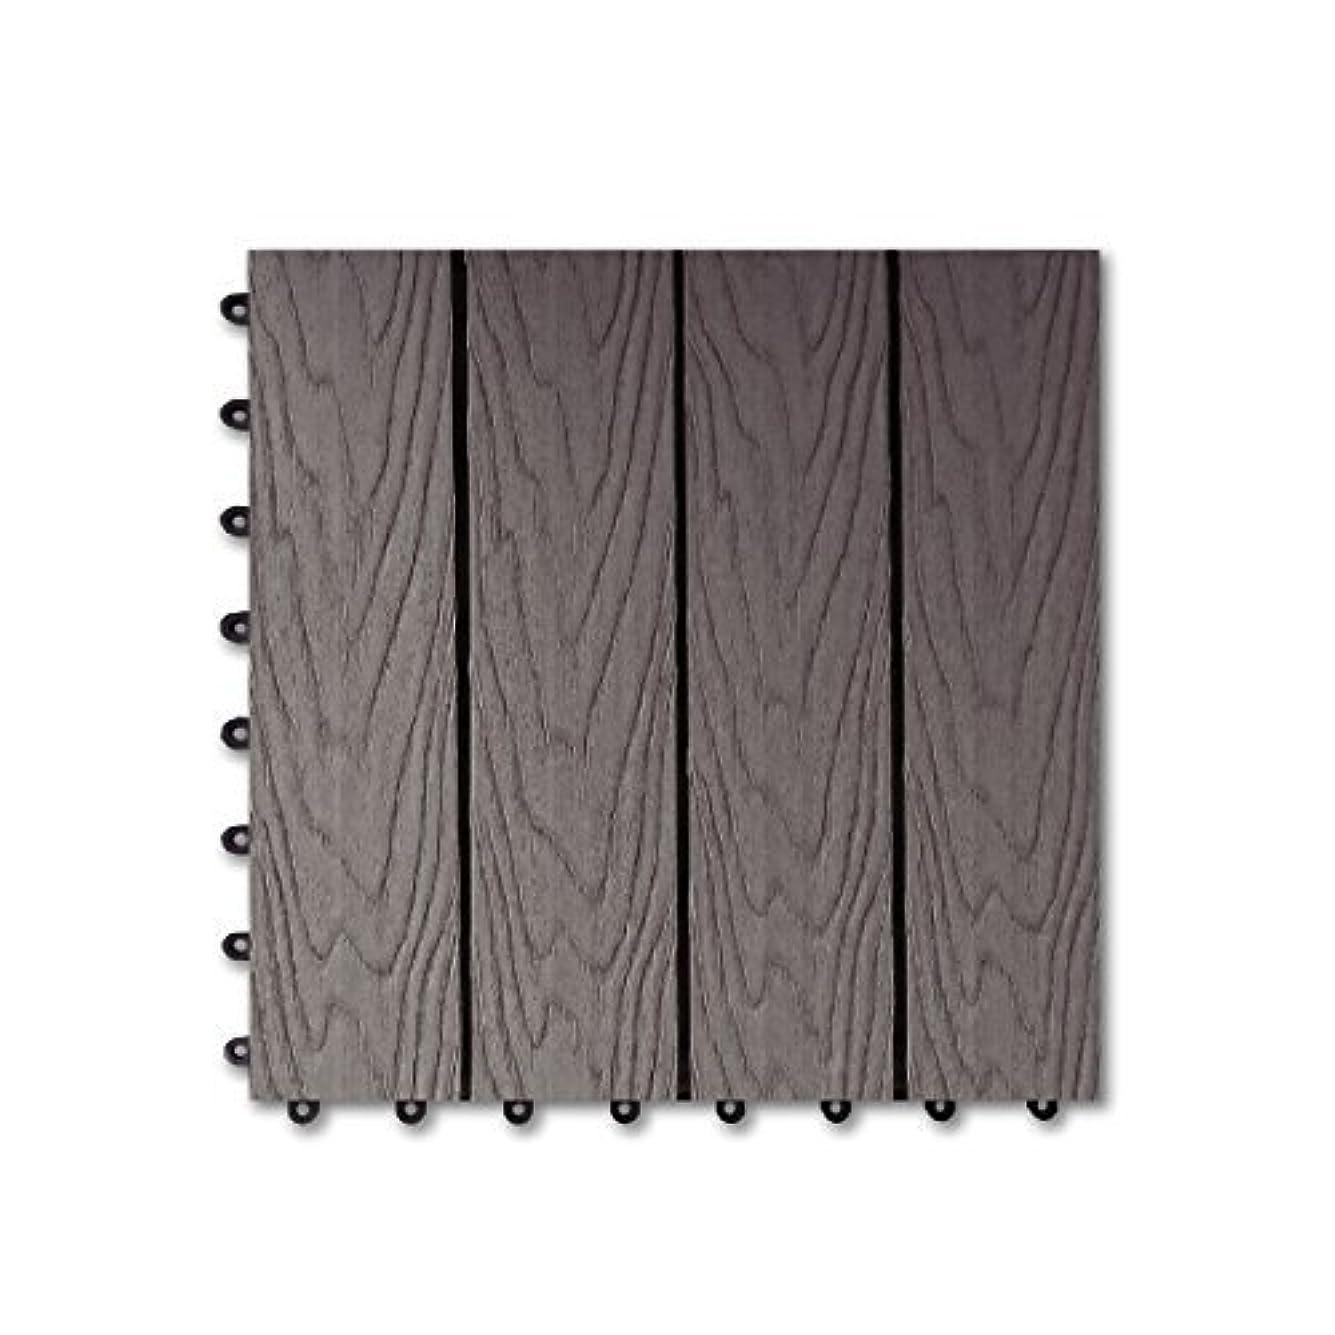 リズミカルな下手浴ガーデニング ステンシルシート型紙 ヨーロッパ石畳模様 DIY 約94cm×5m コンクリート表面模様付け型紙 DIY オーストラリア製CCI stencil sheet